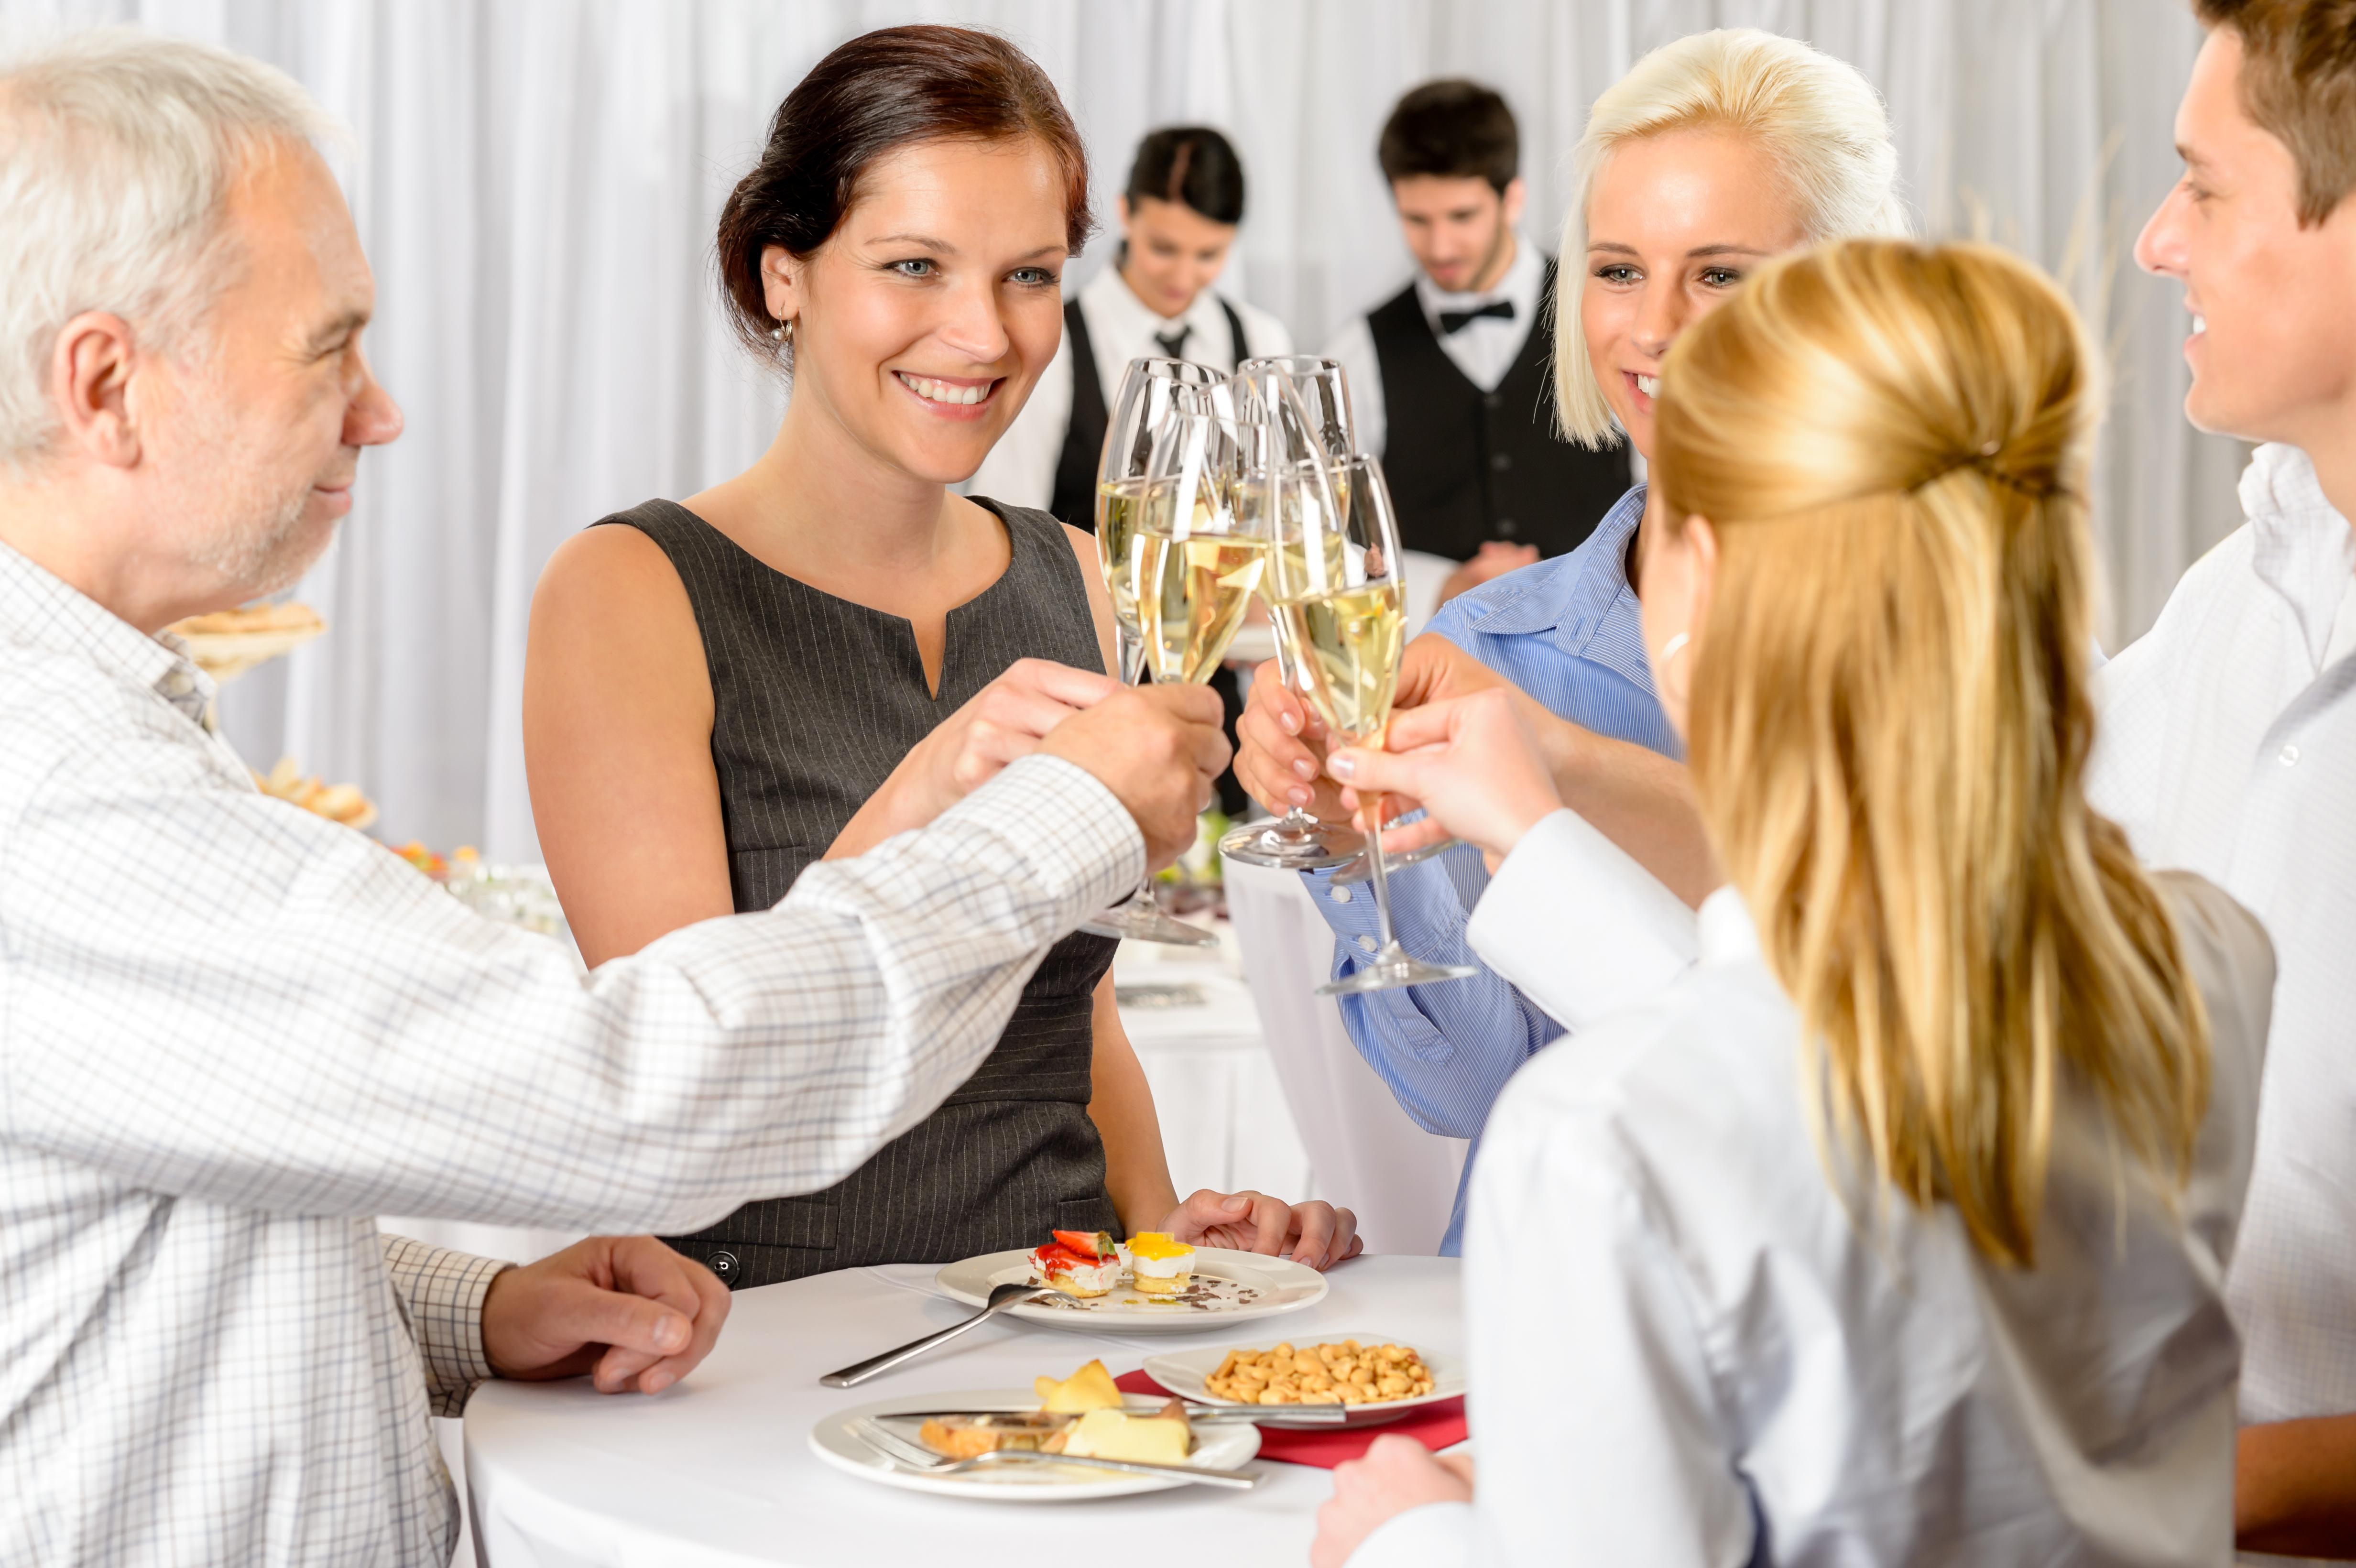 поздравление гостей принимают сути, меркель движется